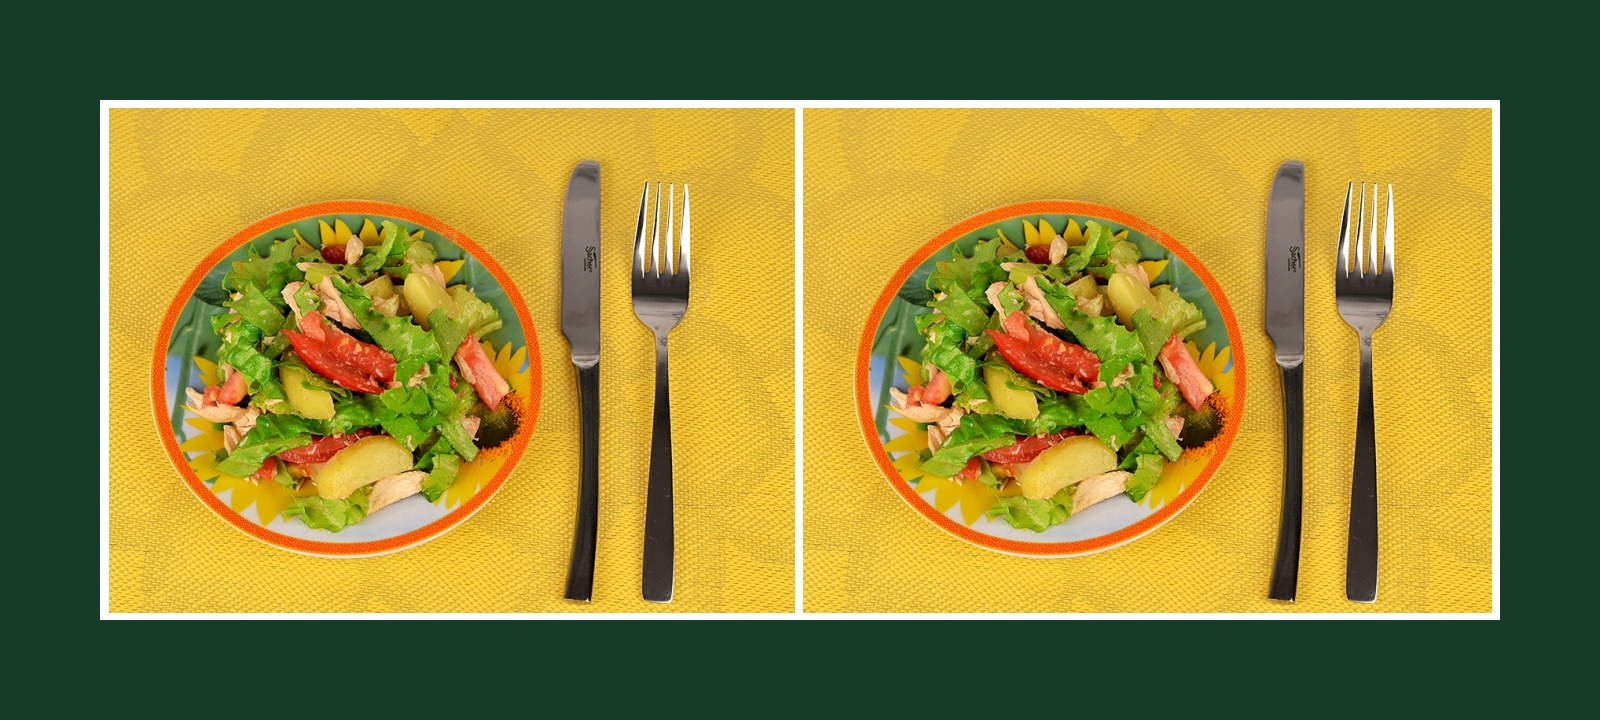 Gesunder Gemüsesalat mit Fleisch und Frühkartoffeln